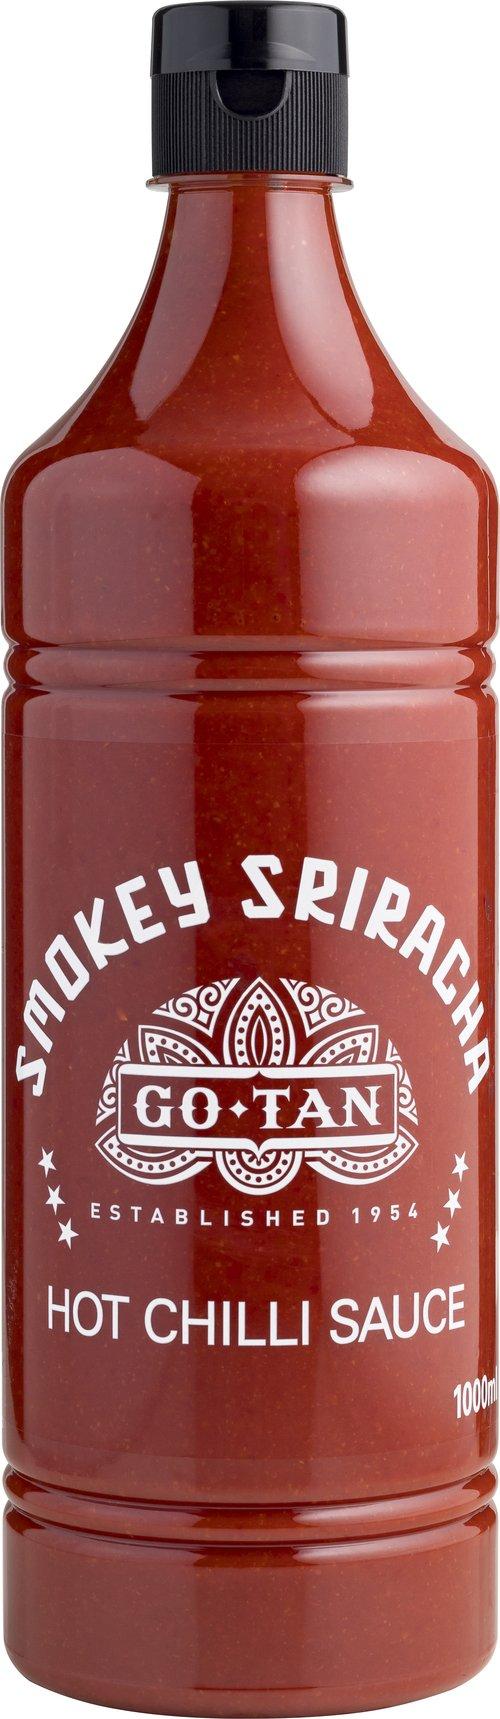 8710605021318_Smokey_Sriracha_1000ml.jpg